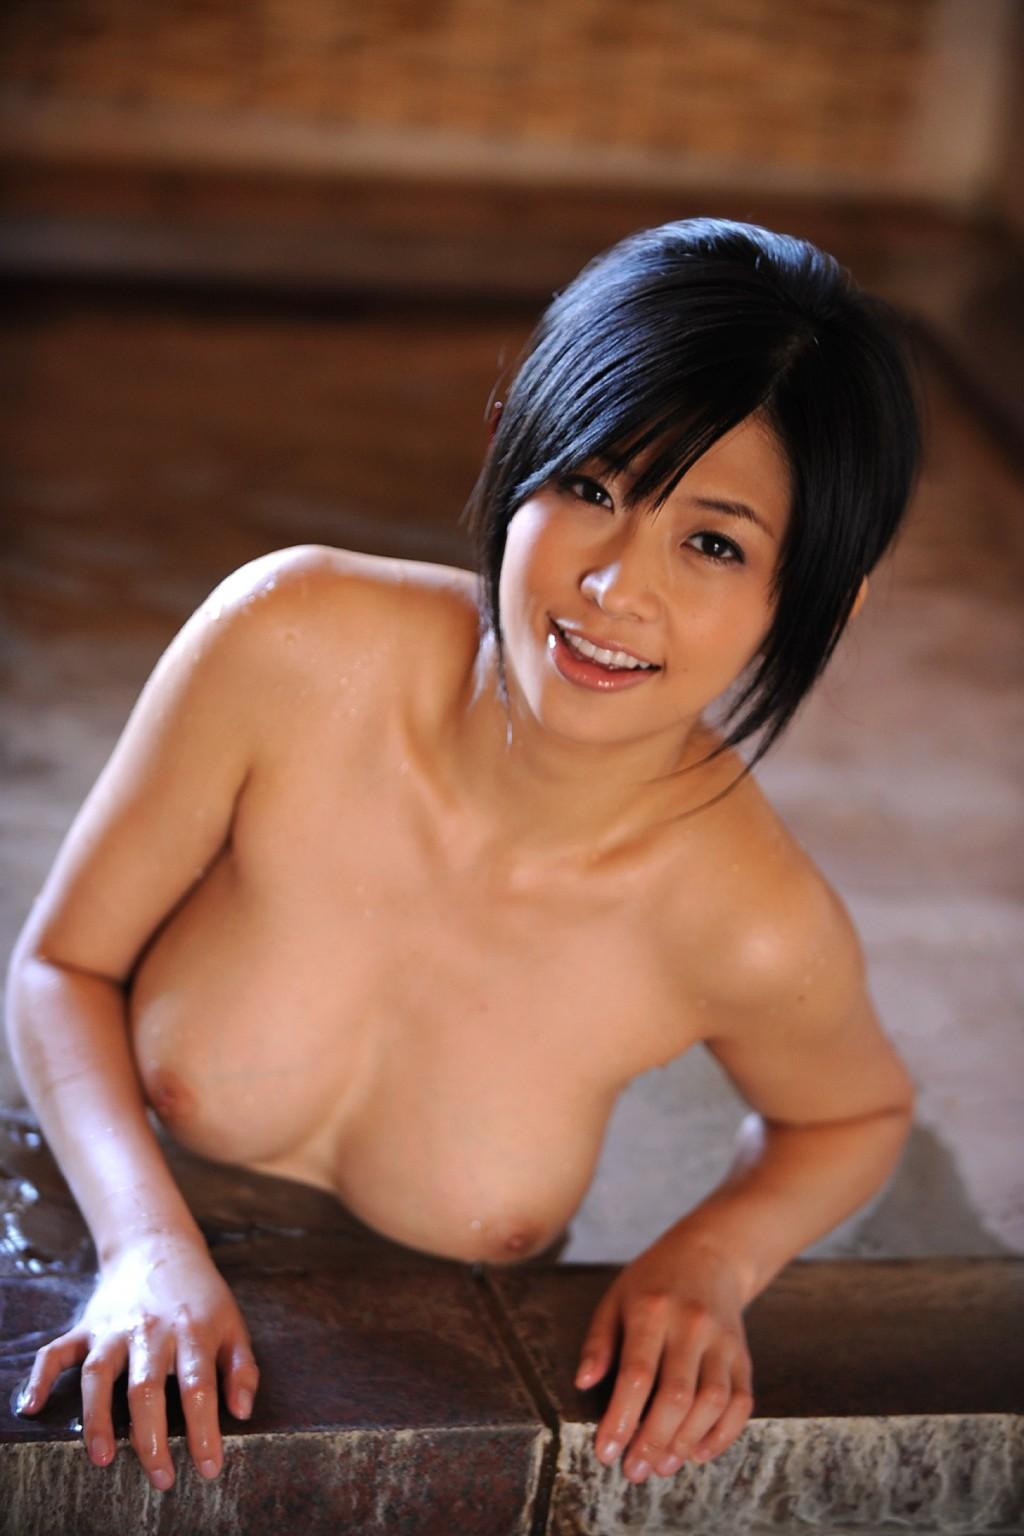 Азиатка снимает с себя кимоно и показывает свою аккуратную киску, соблазняя собой всех зрителей